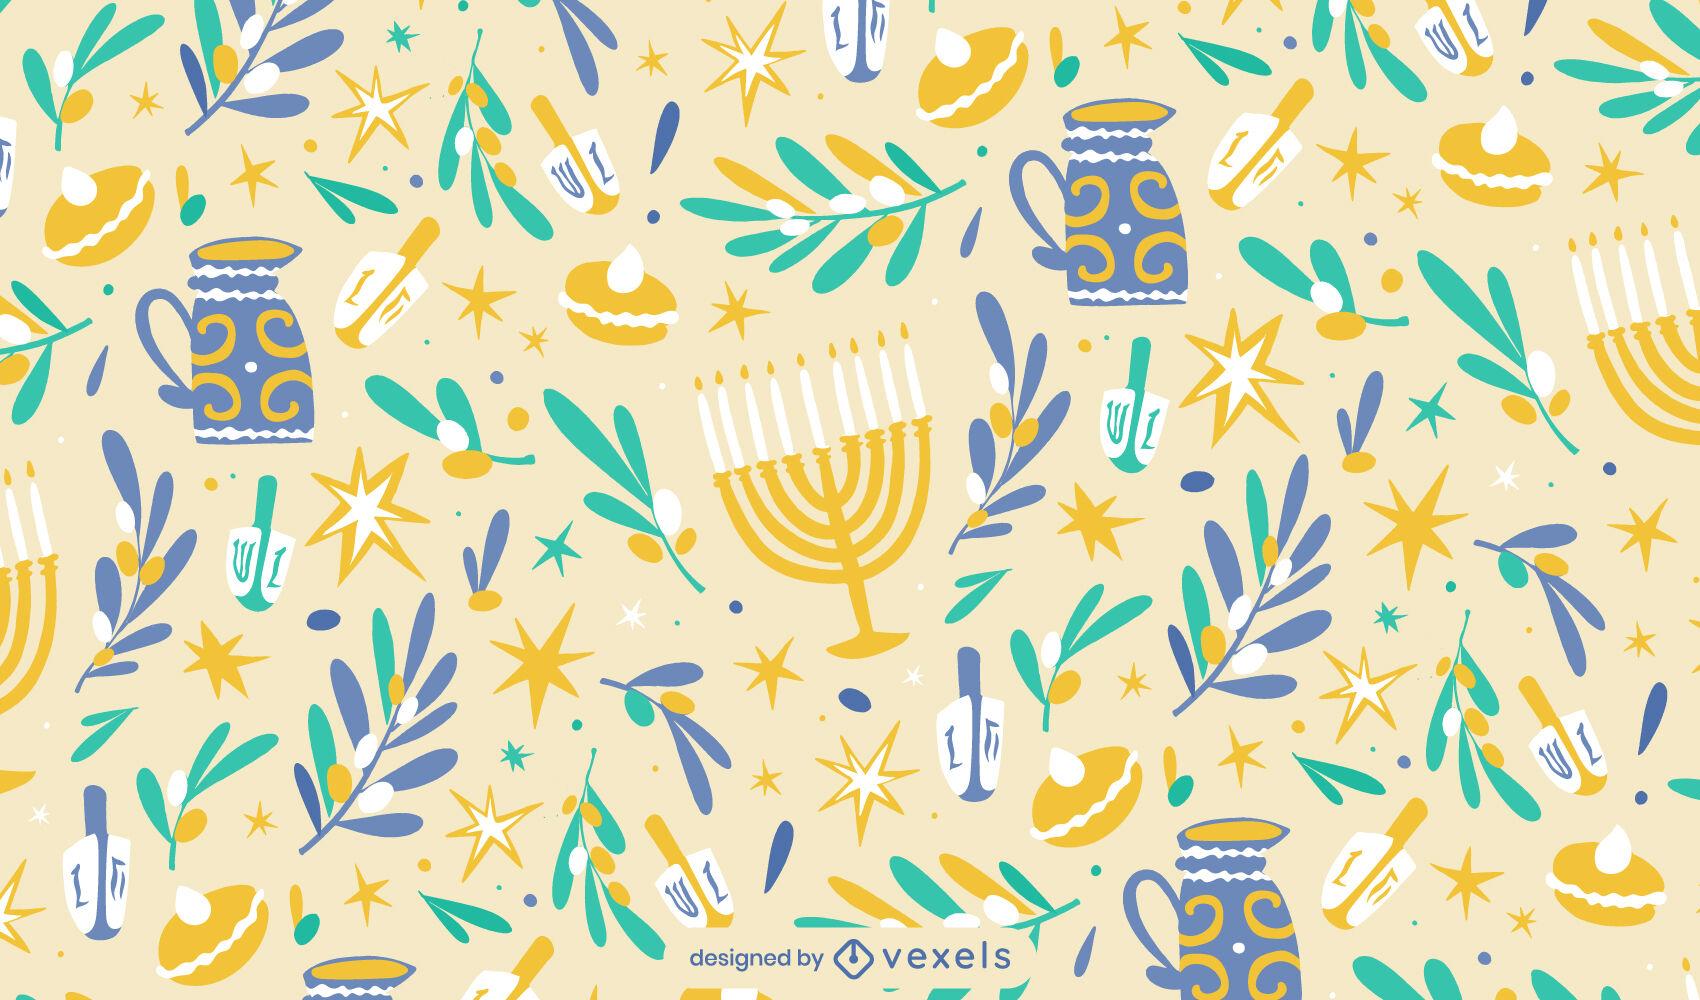 Dise?o de patr?n plano de festividad de Hanukkah